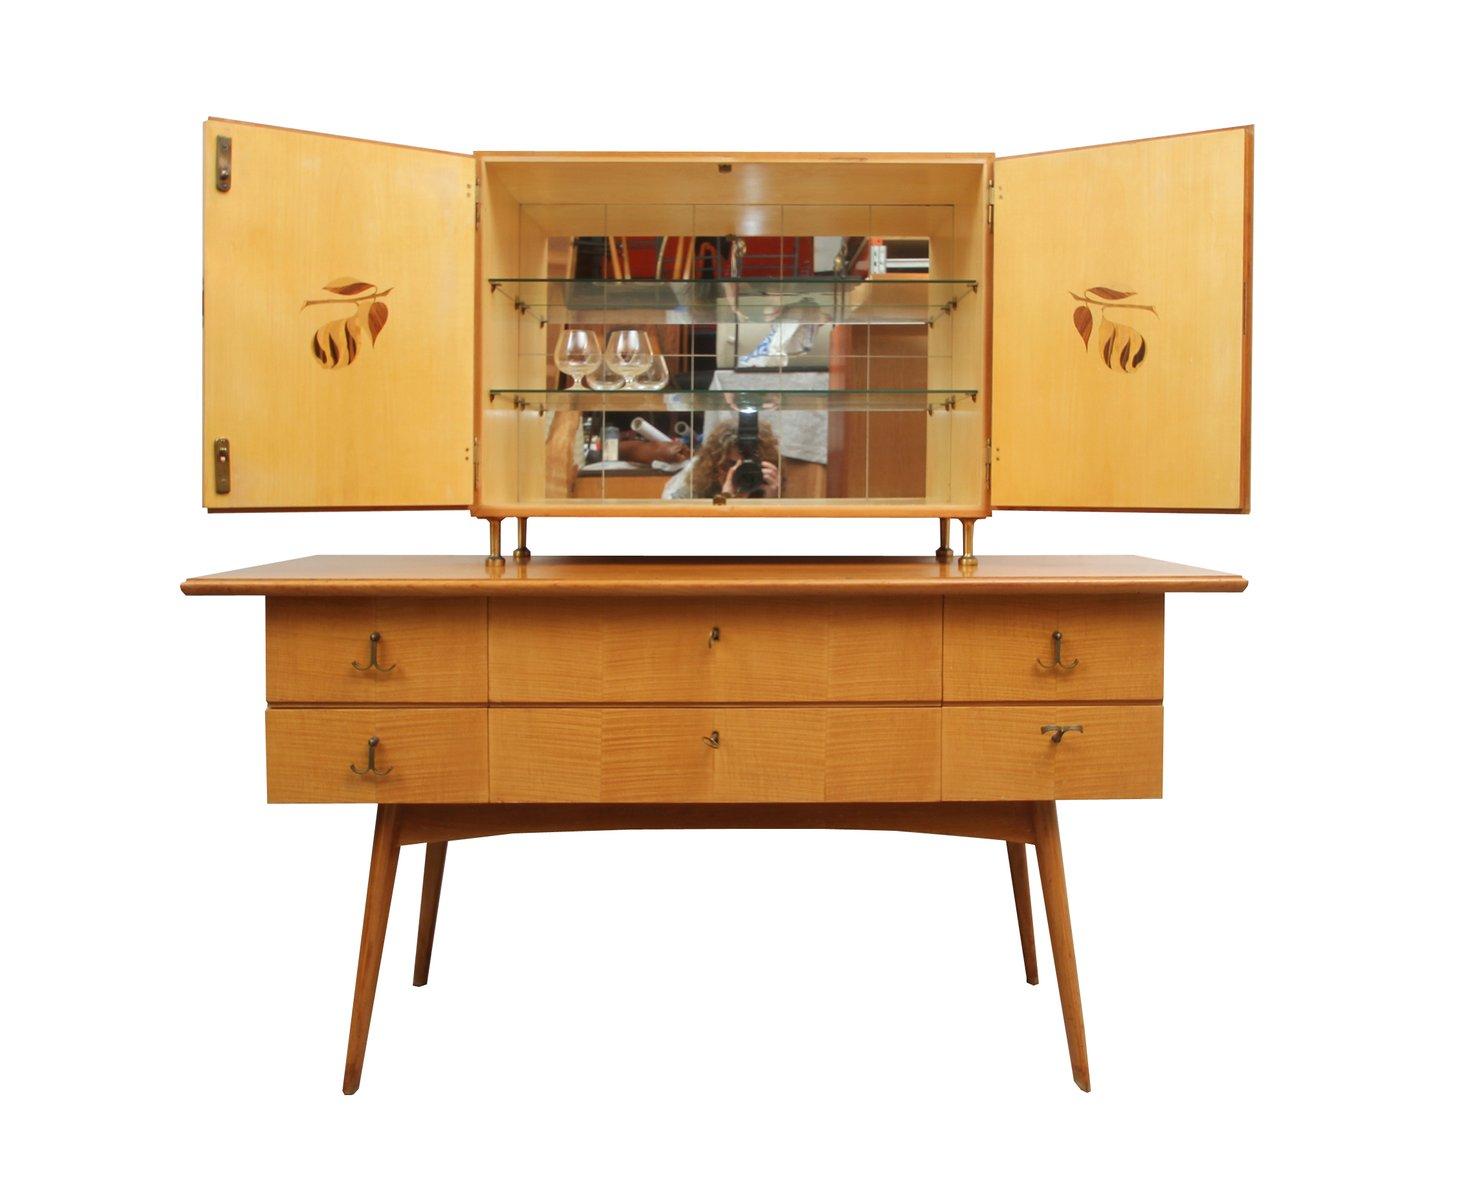 Popolare Credenza e mobile bar in ciliegio, anni '50 in vendita su Pamono UL21